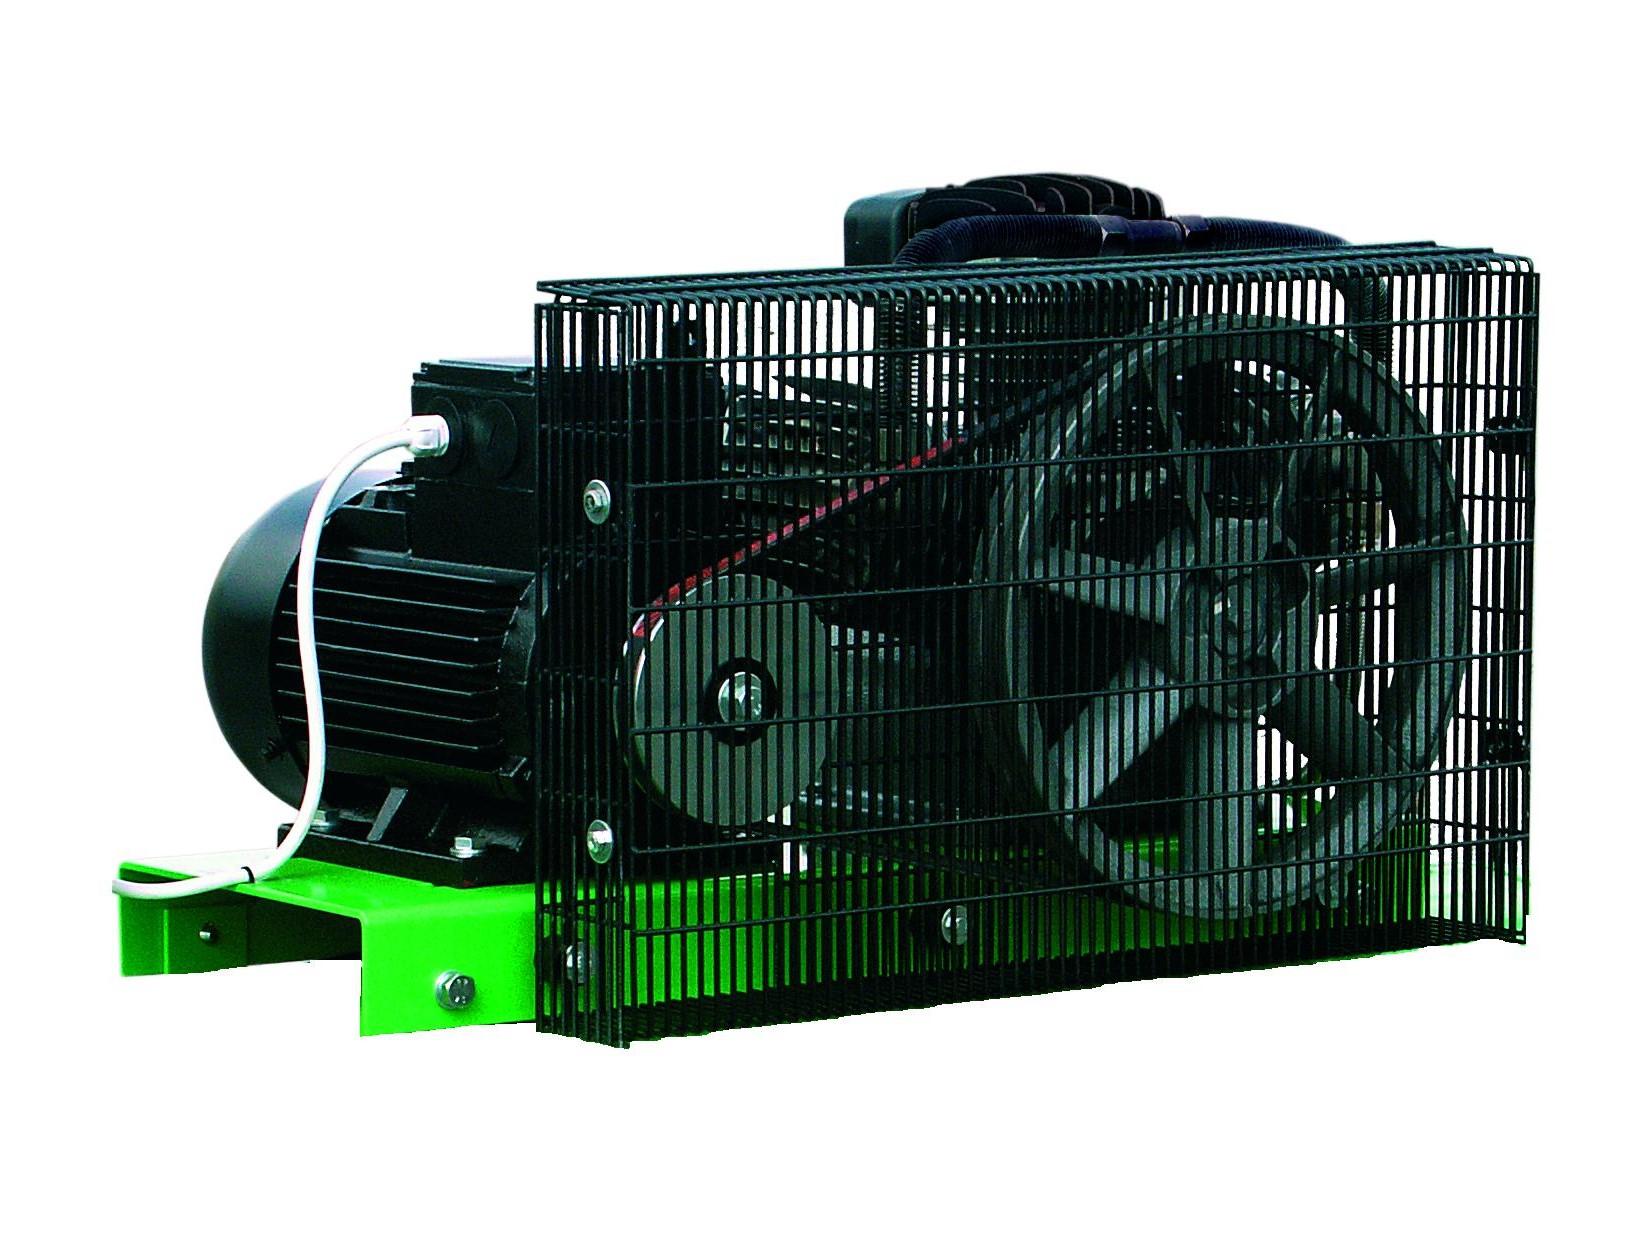 Atmos Pístový kompresor Perfect - 5,5PFT